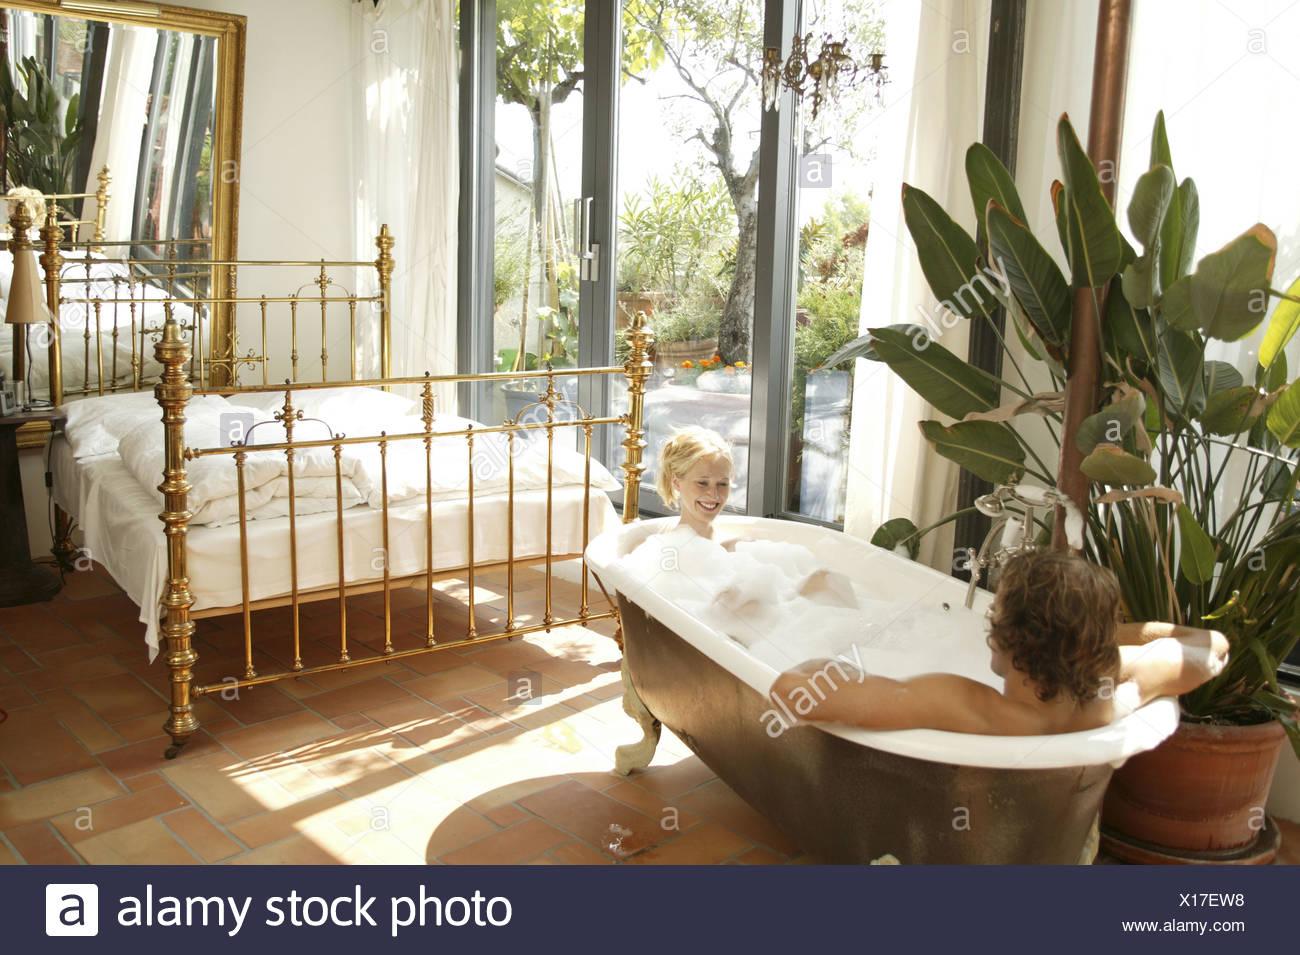 Wohnraum Bett Bad Paar Richtige Bad 20 30 Jahre Partnerschaft